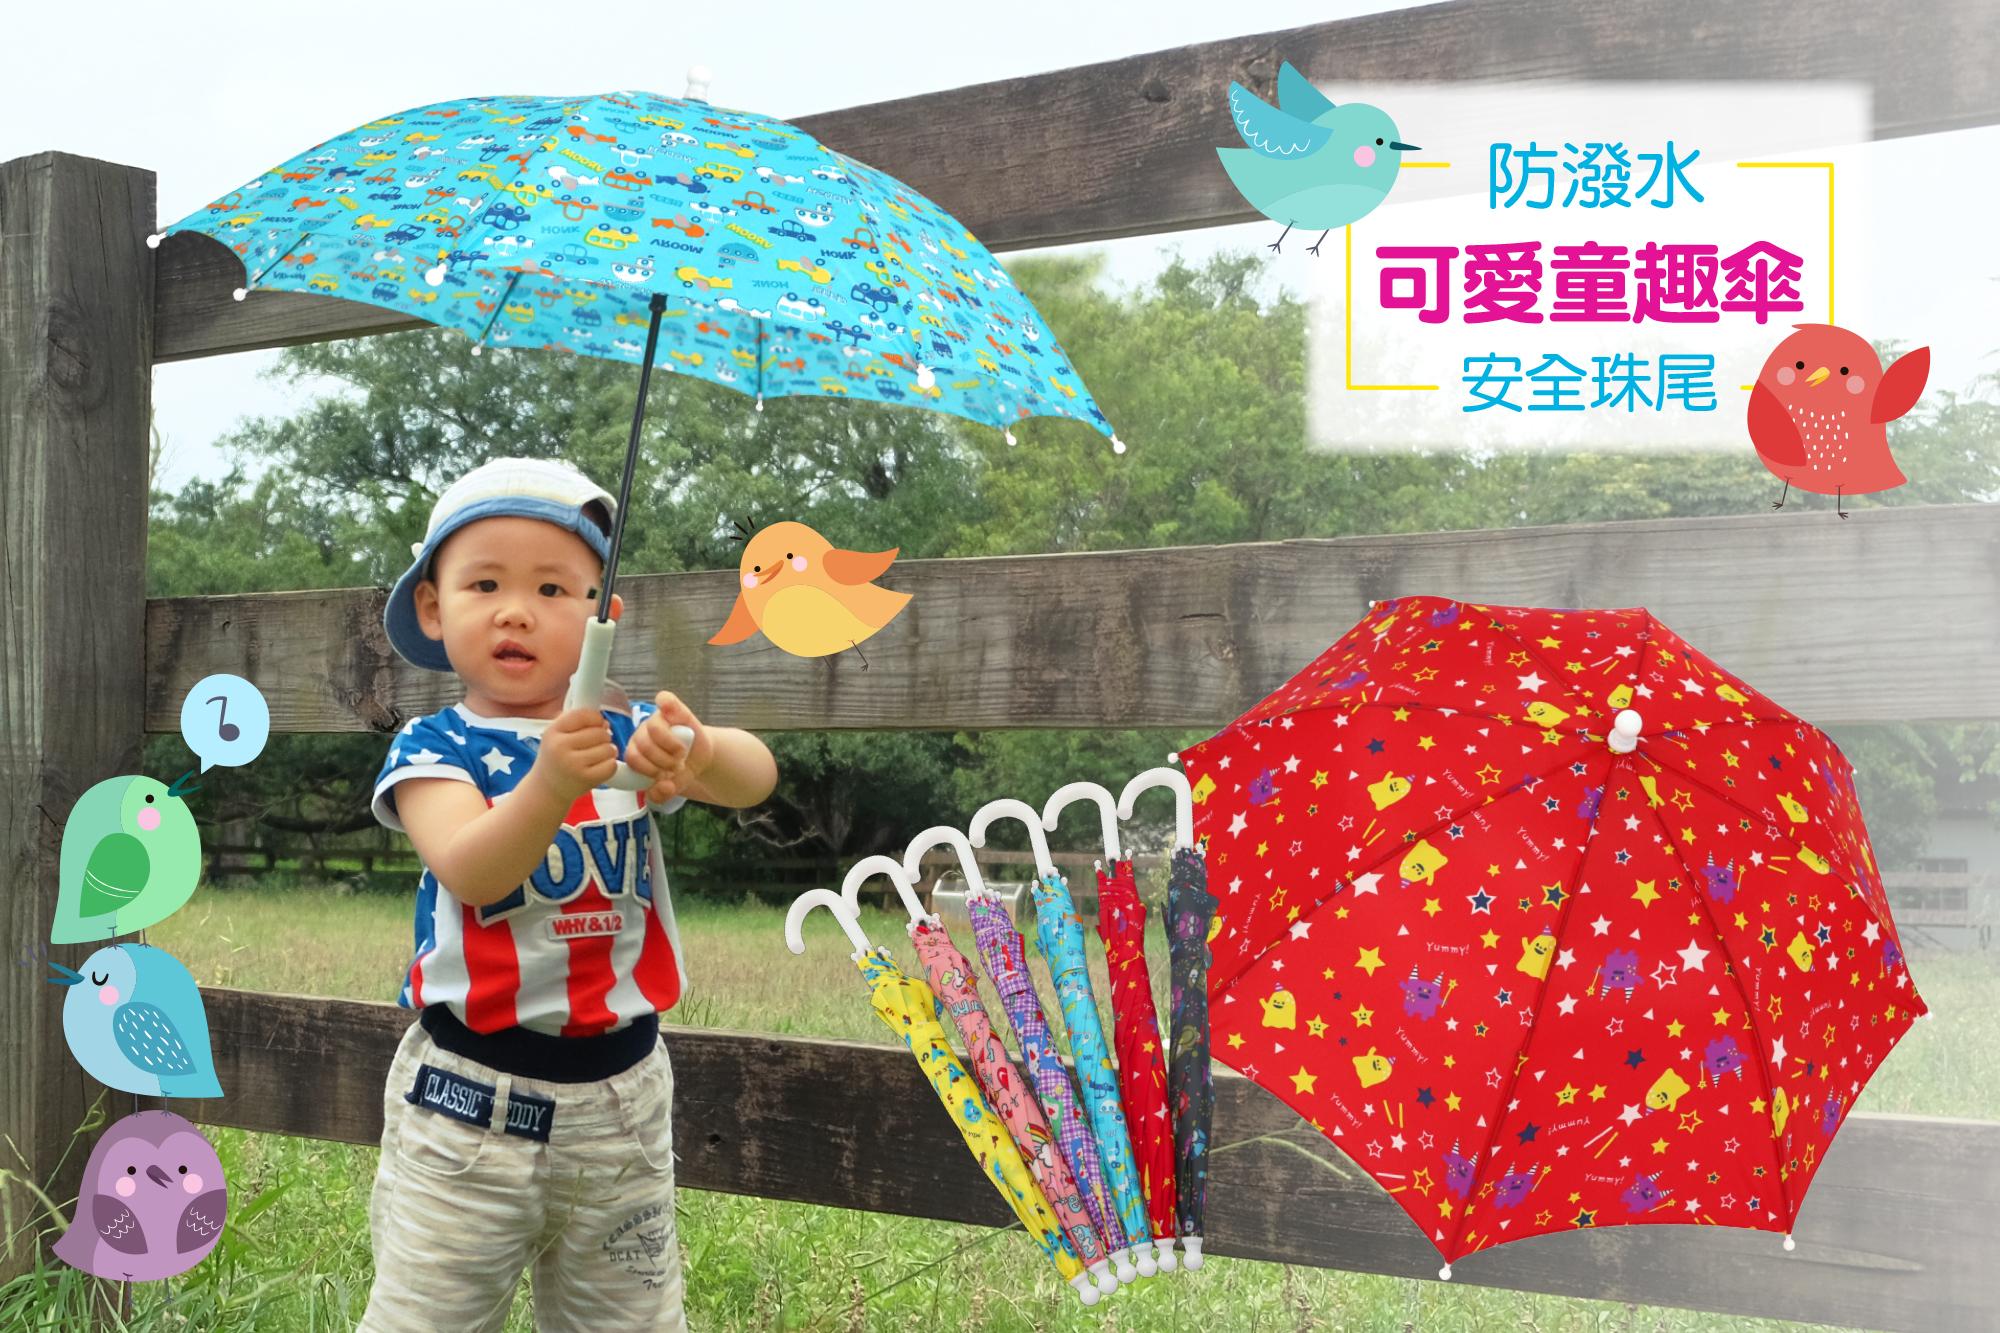 童傘,童趣,可愛,安全,防潑水,雨之情,抗強風